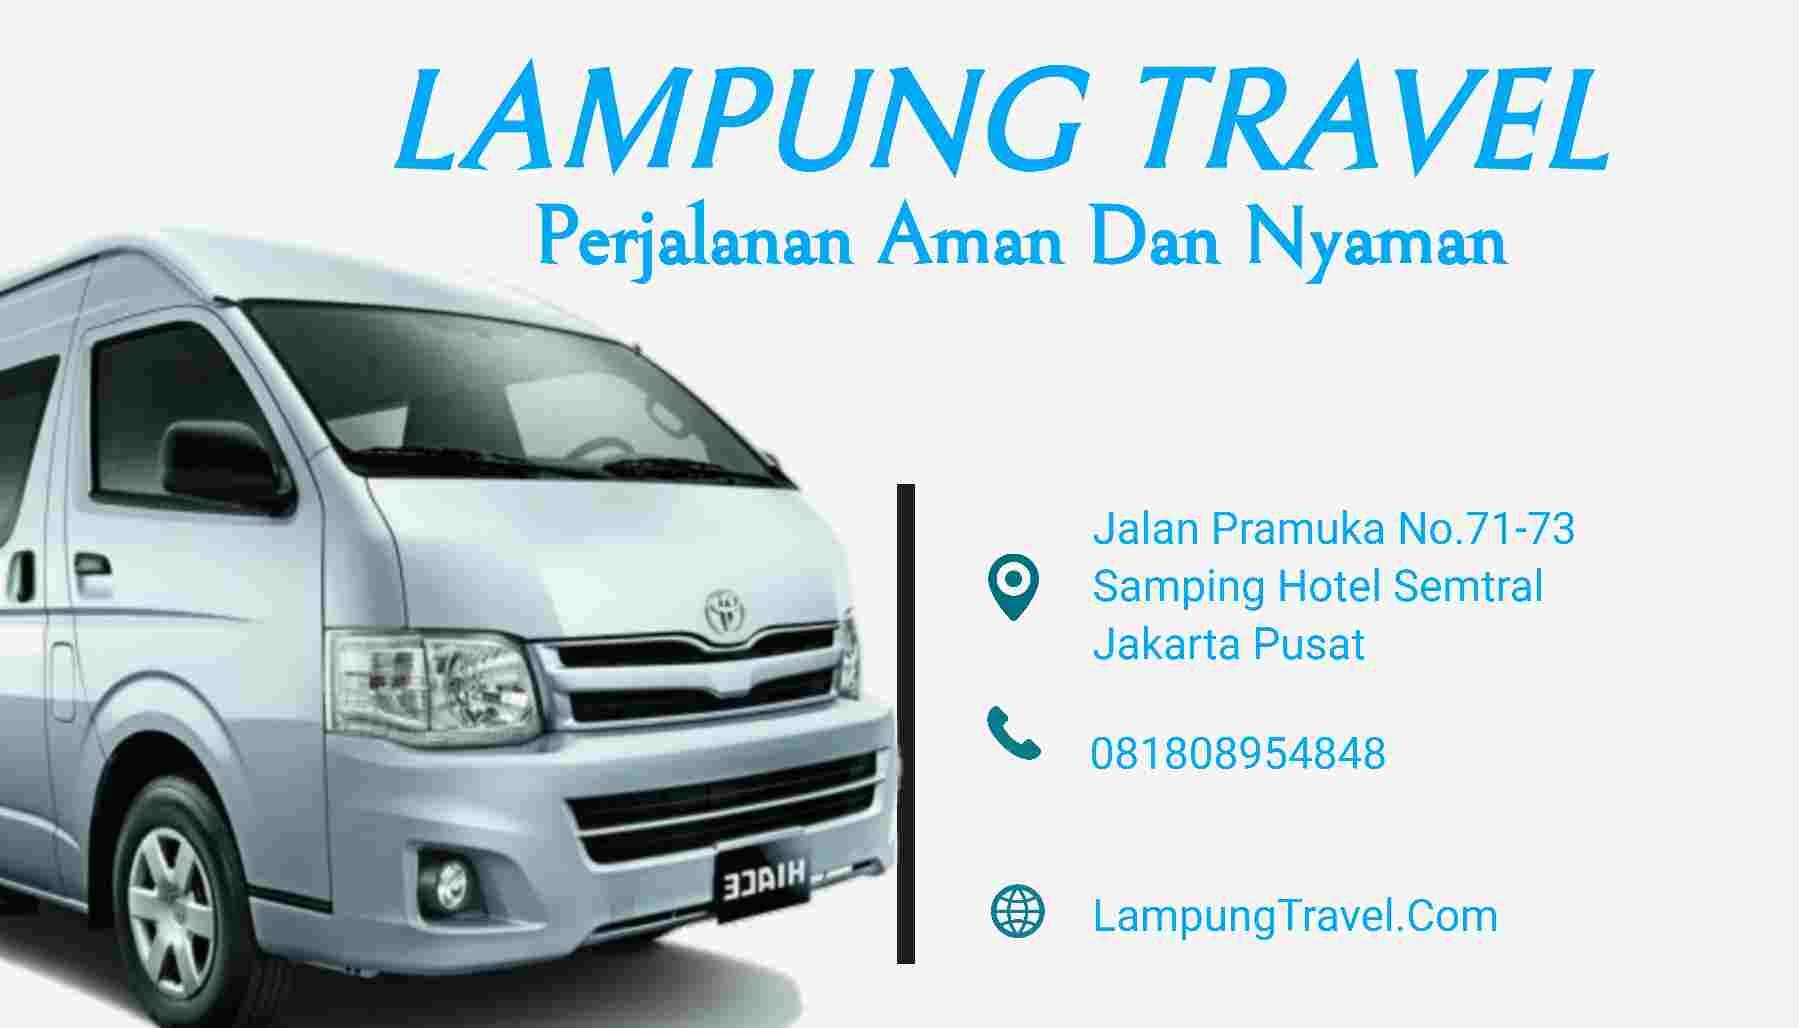 Travel Tangerang Pringsewu Branti Lampung